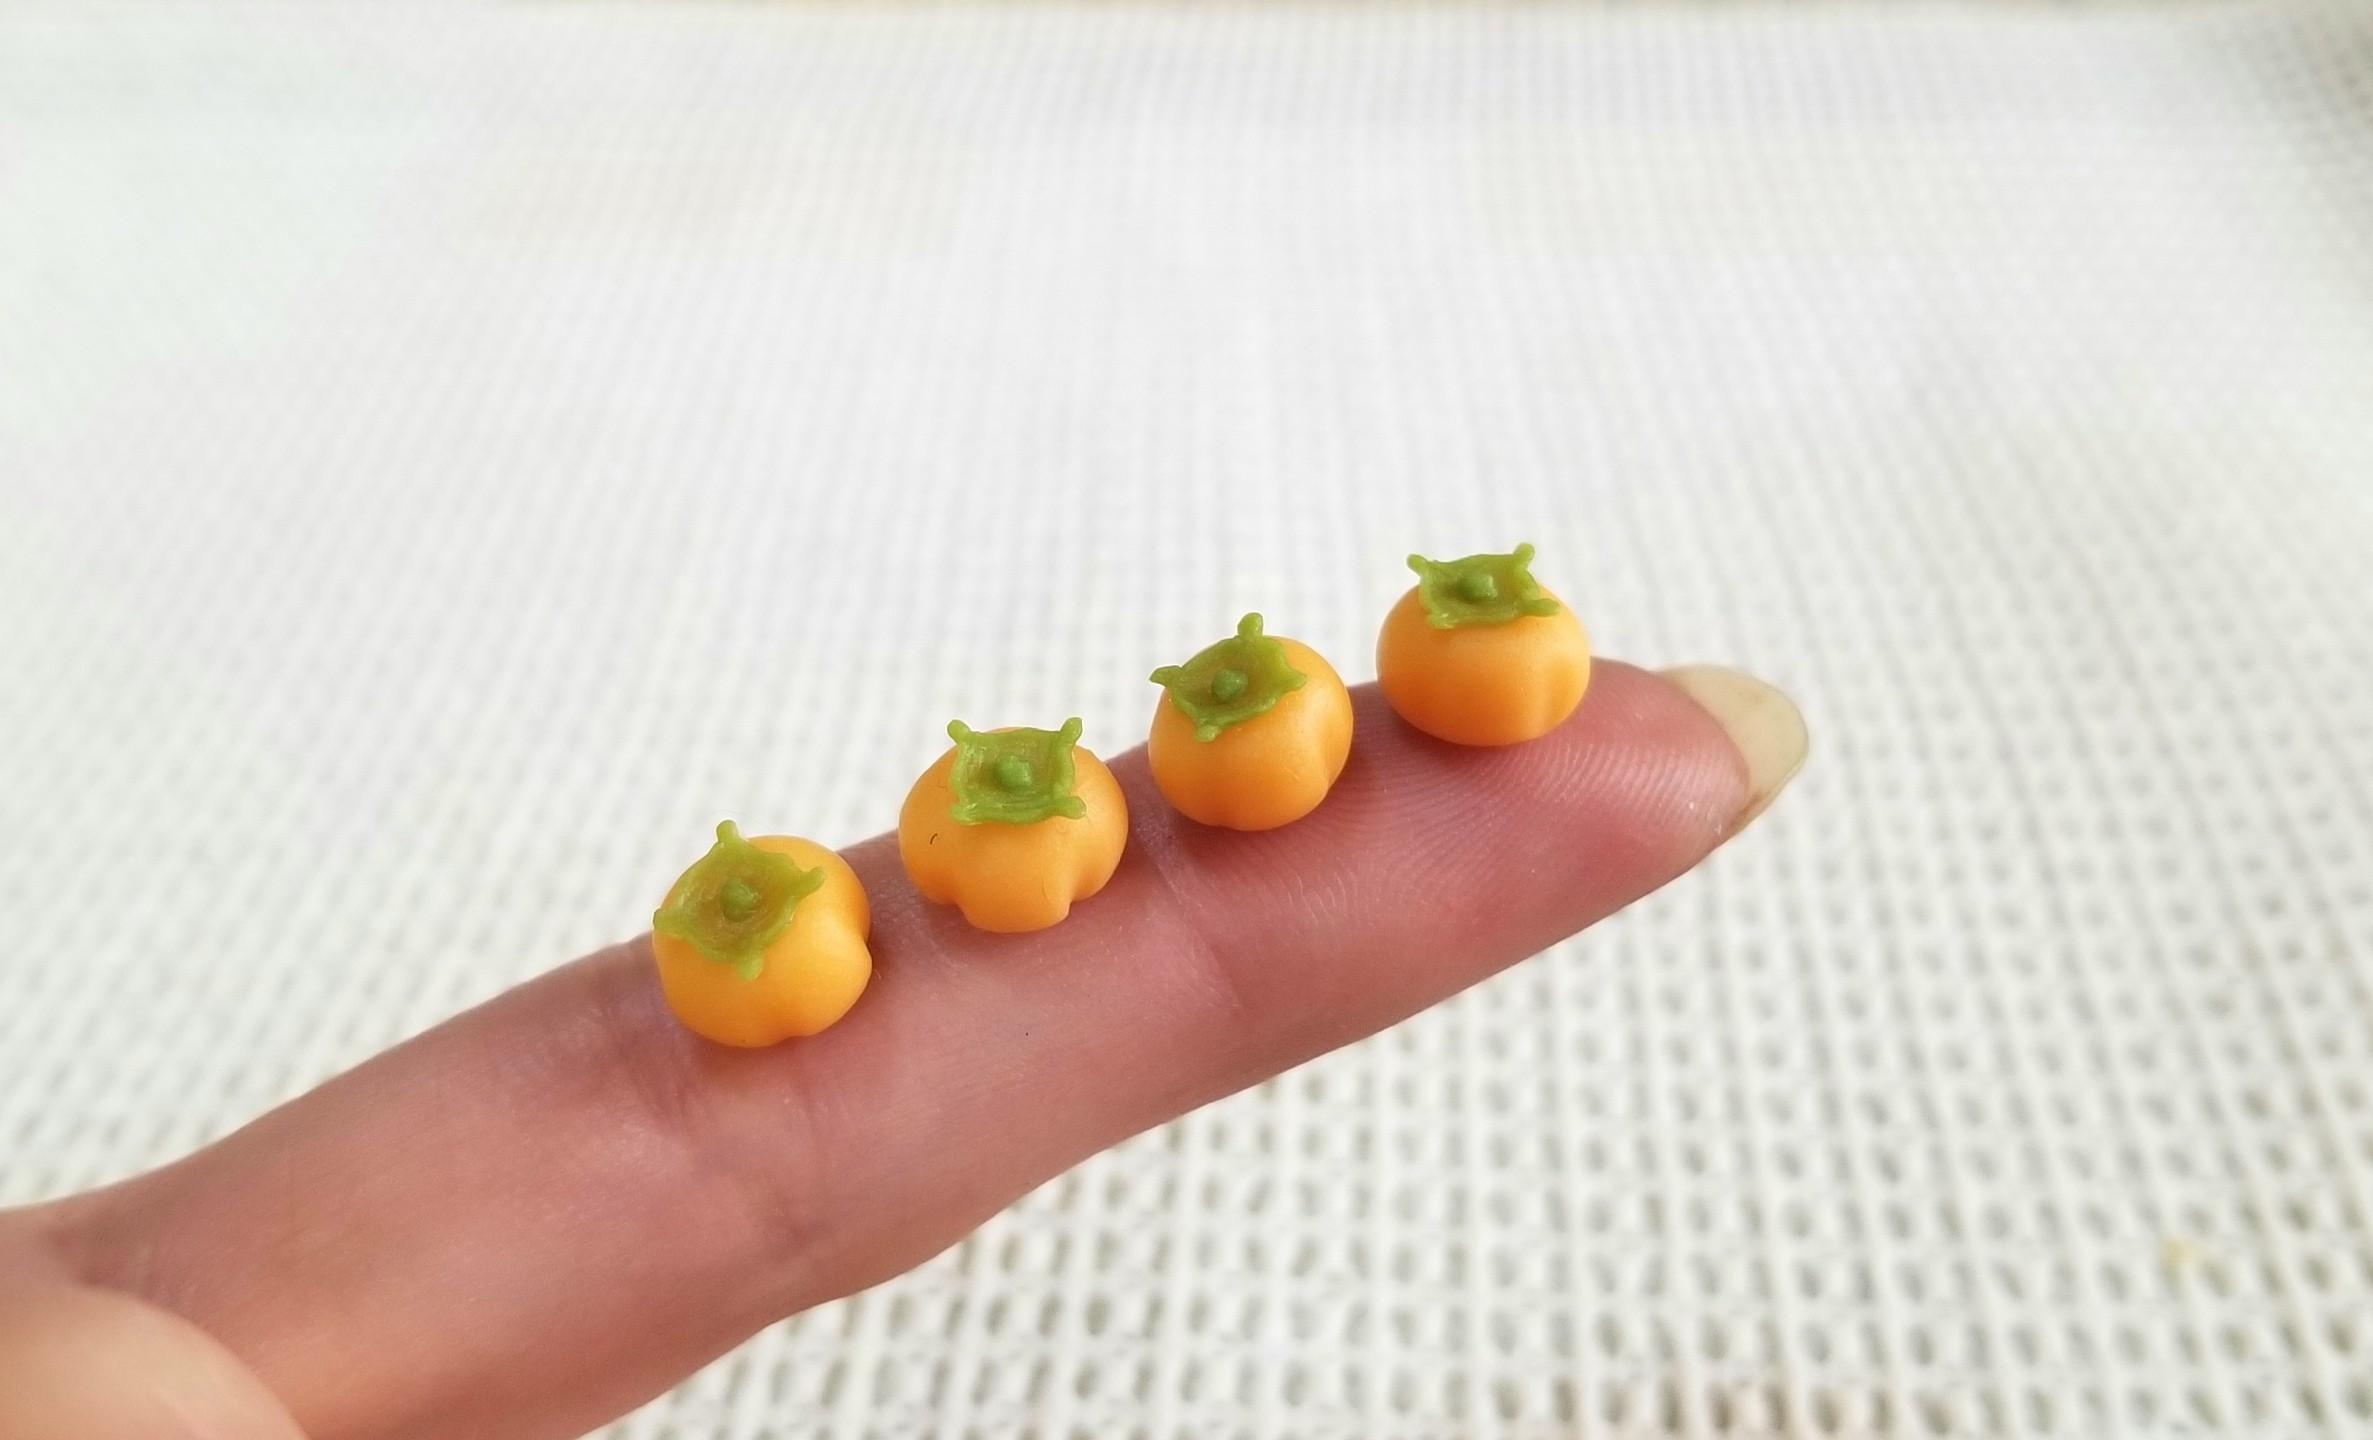 ミニチュアフード,和菓子,柿,樹脂粘土,練りきり,食品サンプル,秋